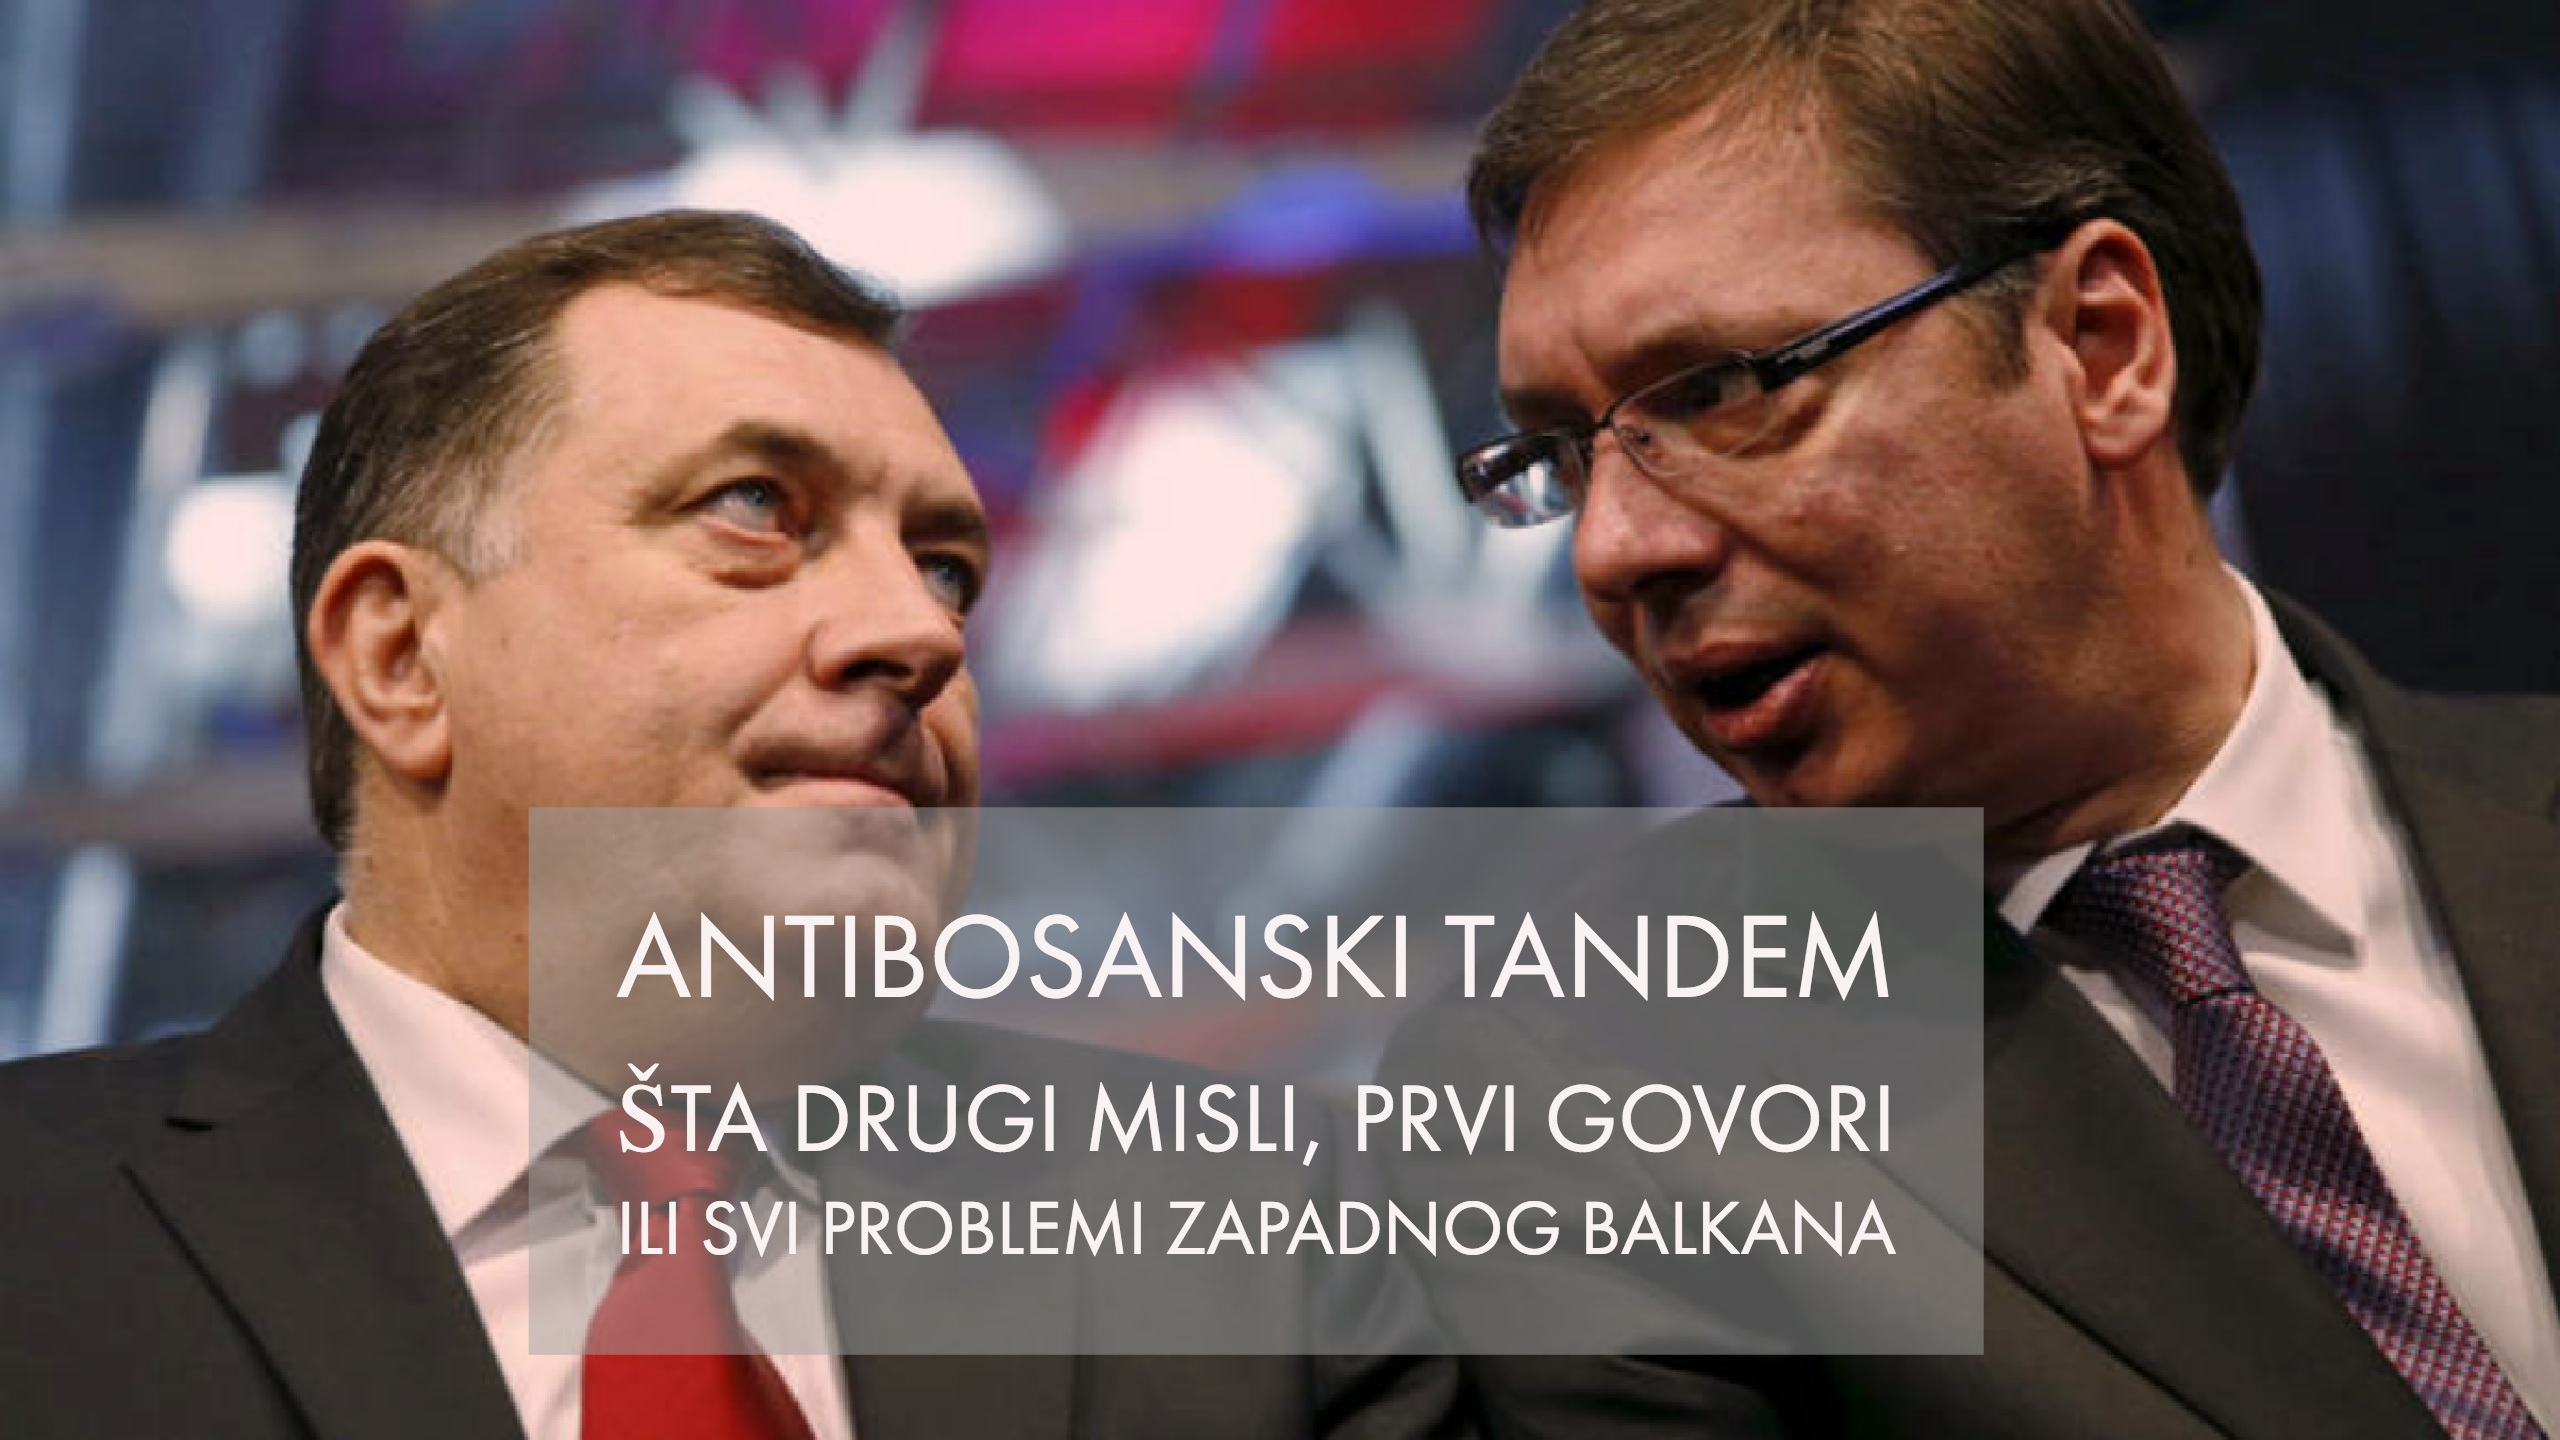 Predsjedavajući VMBiH Denis Zvizdić: Reakcija na separatističke izjave i laži entitetskog predsjednika, a kojeg podržava srbijanski predsjednik